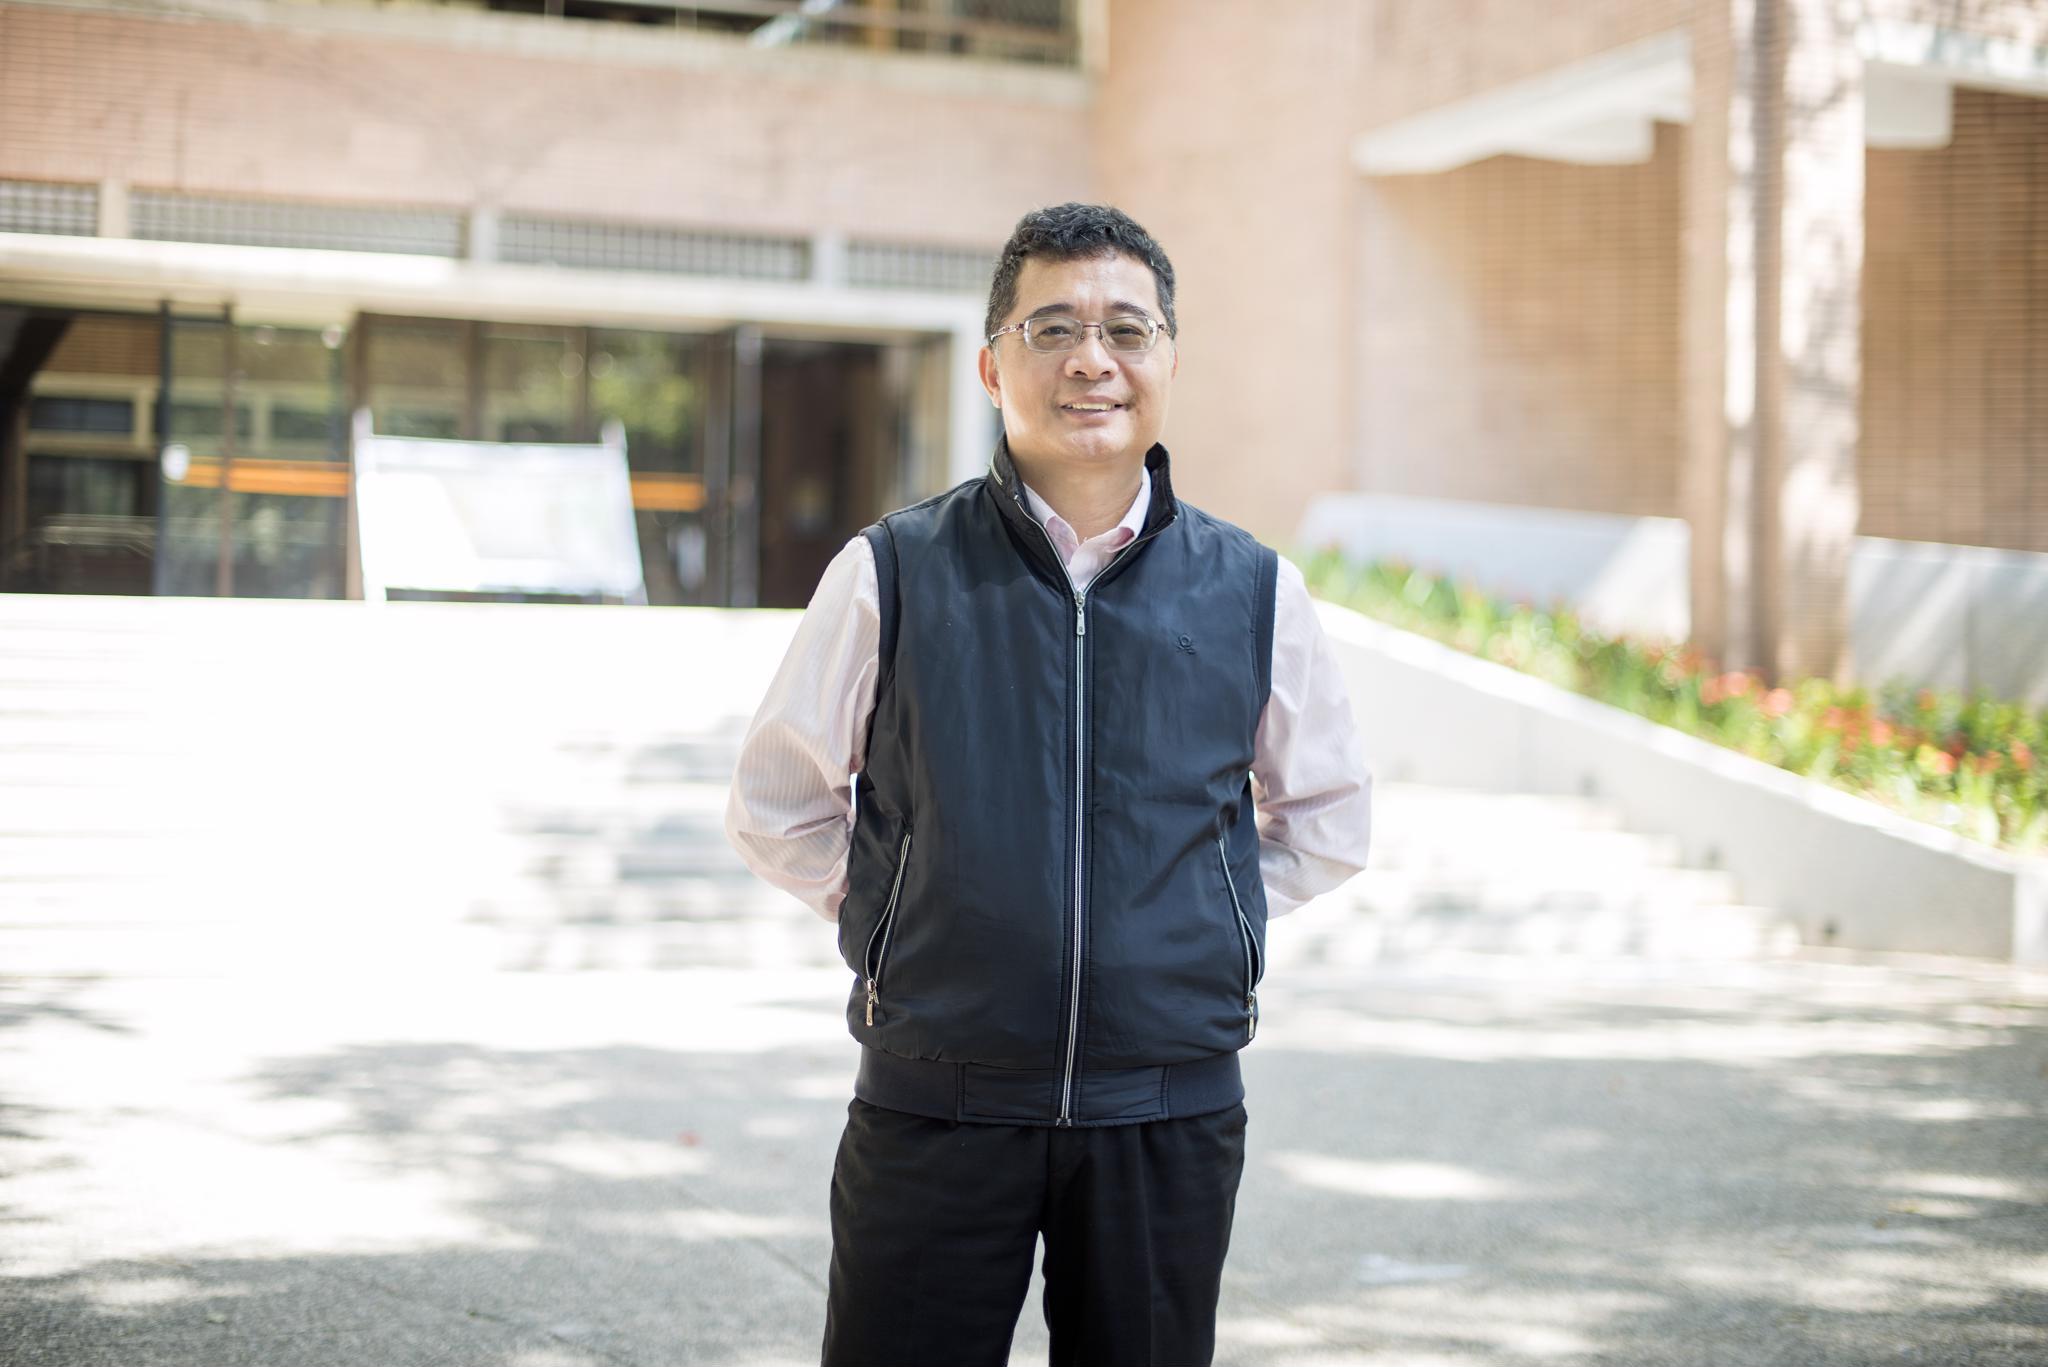 《107學年度優良導師專題報導》 化學系葉瑞銘:人生需要挫折,挫折是成長的養分!